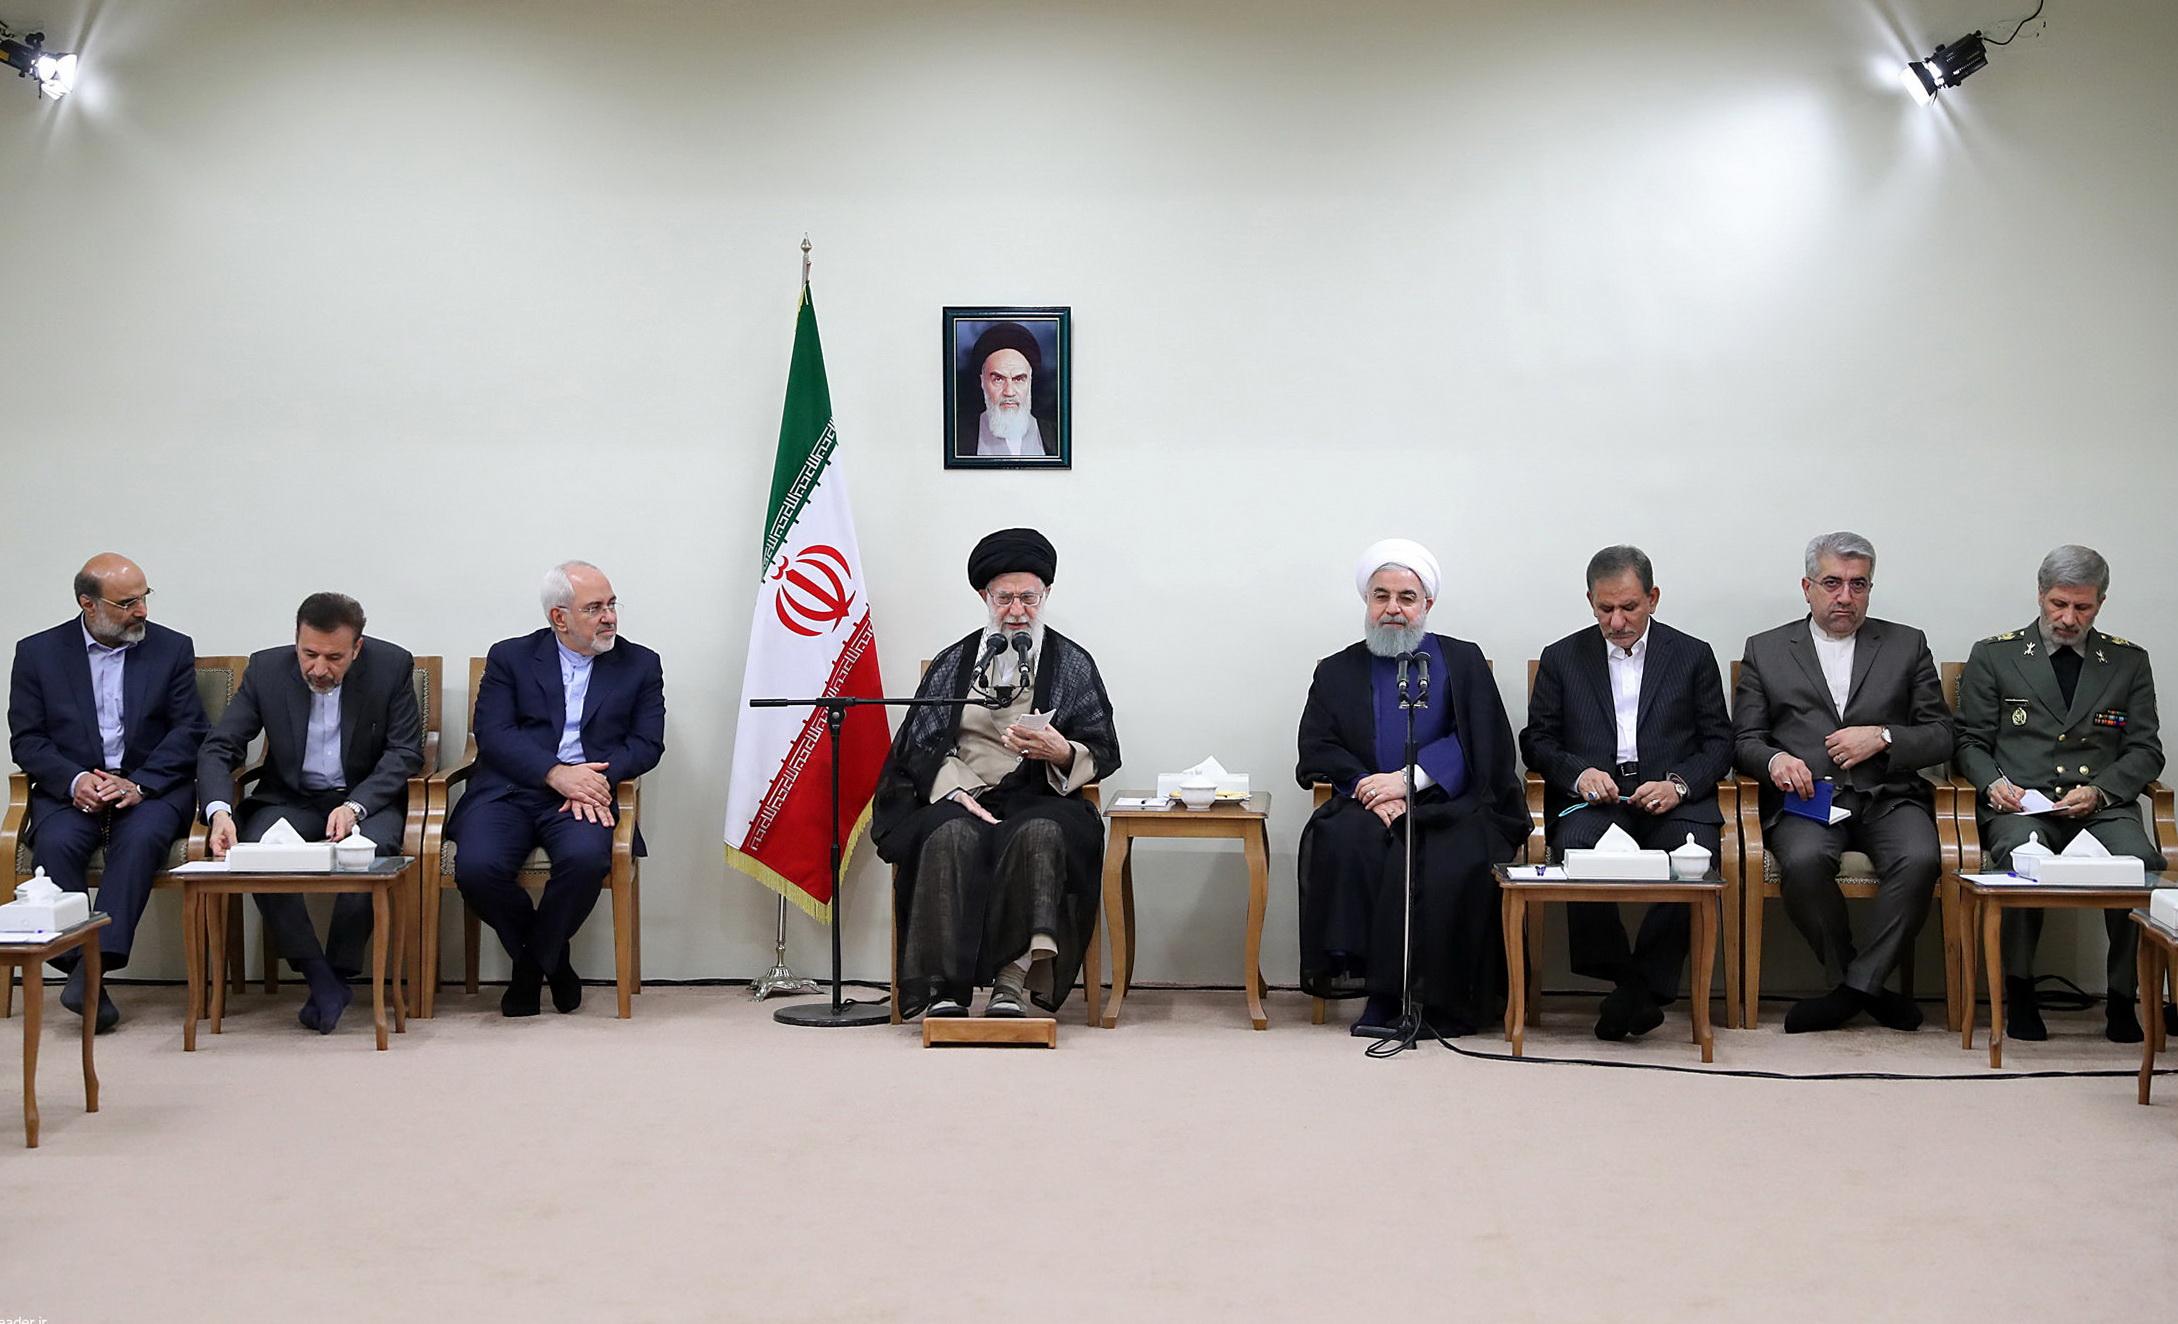 یادداشت | مروری بر معیارهای دولت تراز تمدن اسلامی از منظر رهبر انقلاب